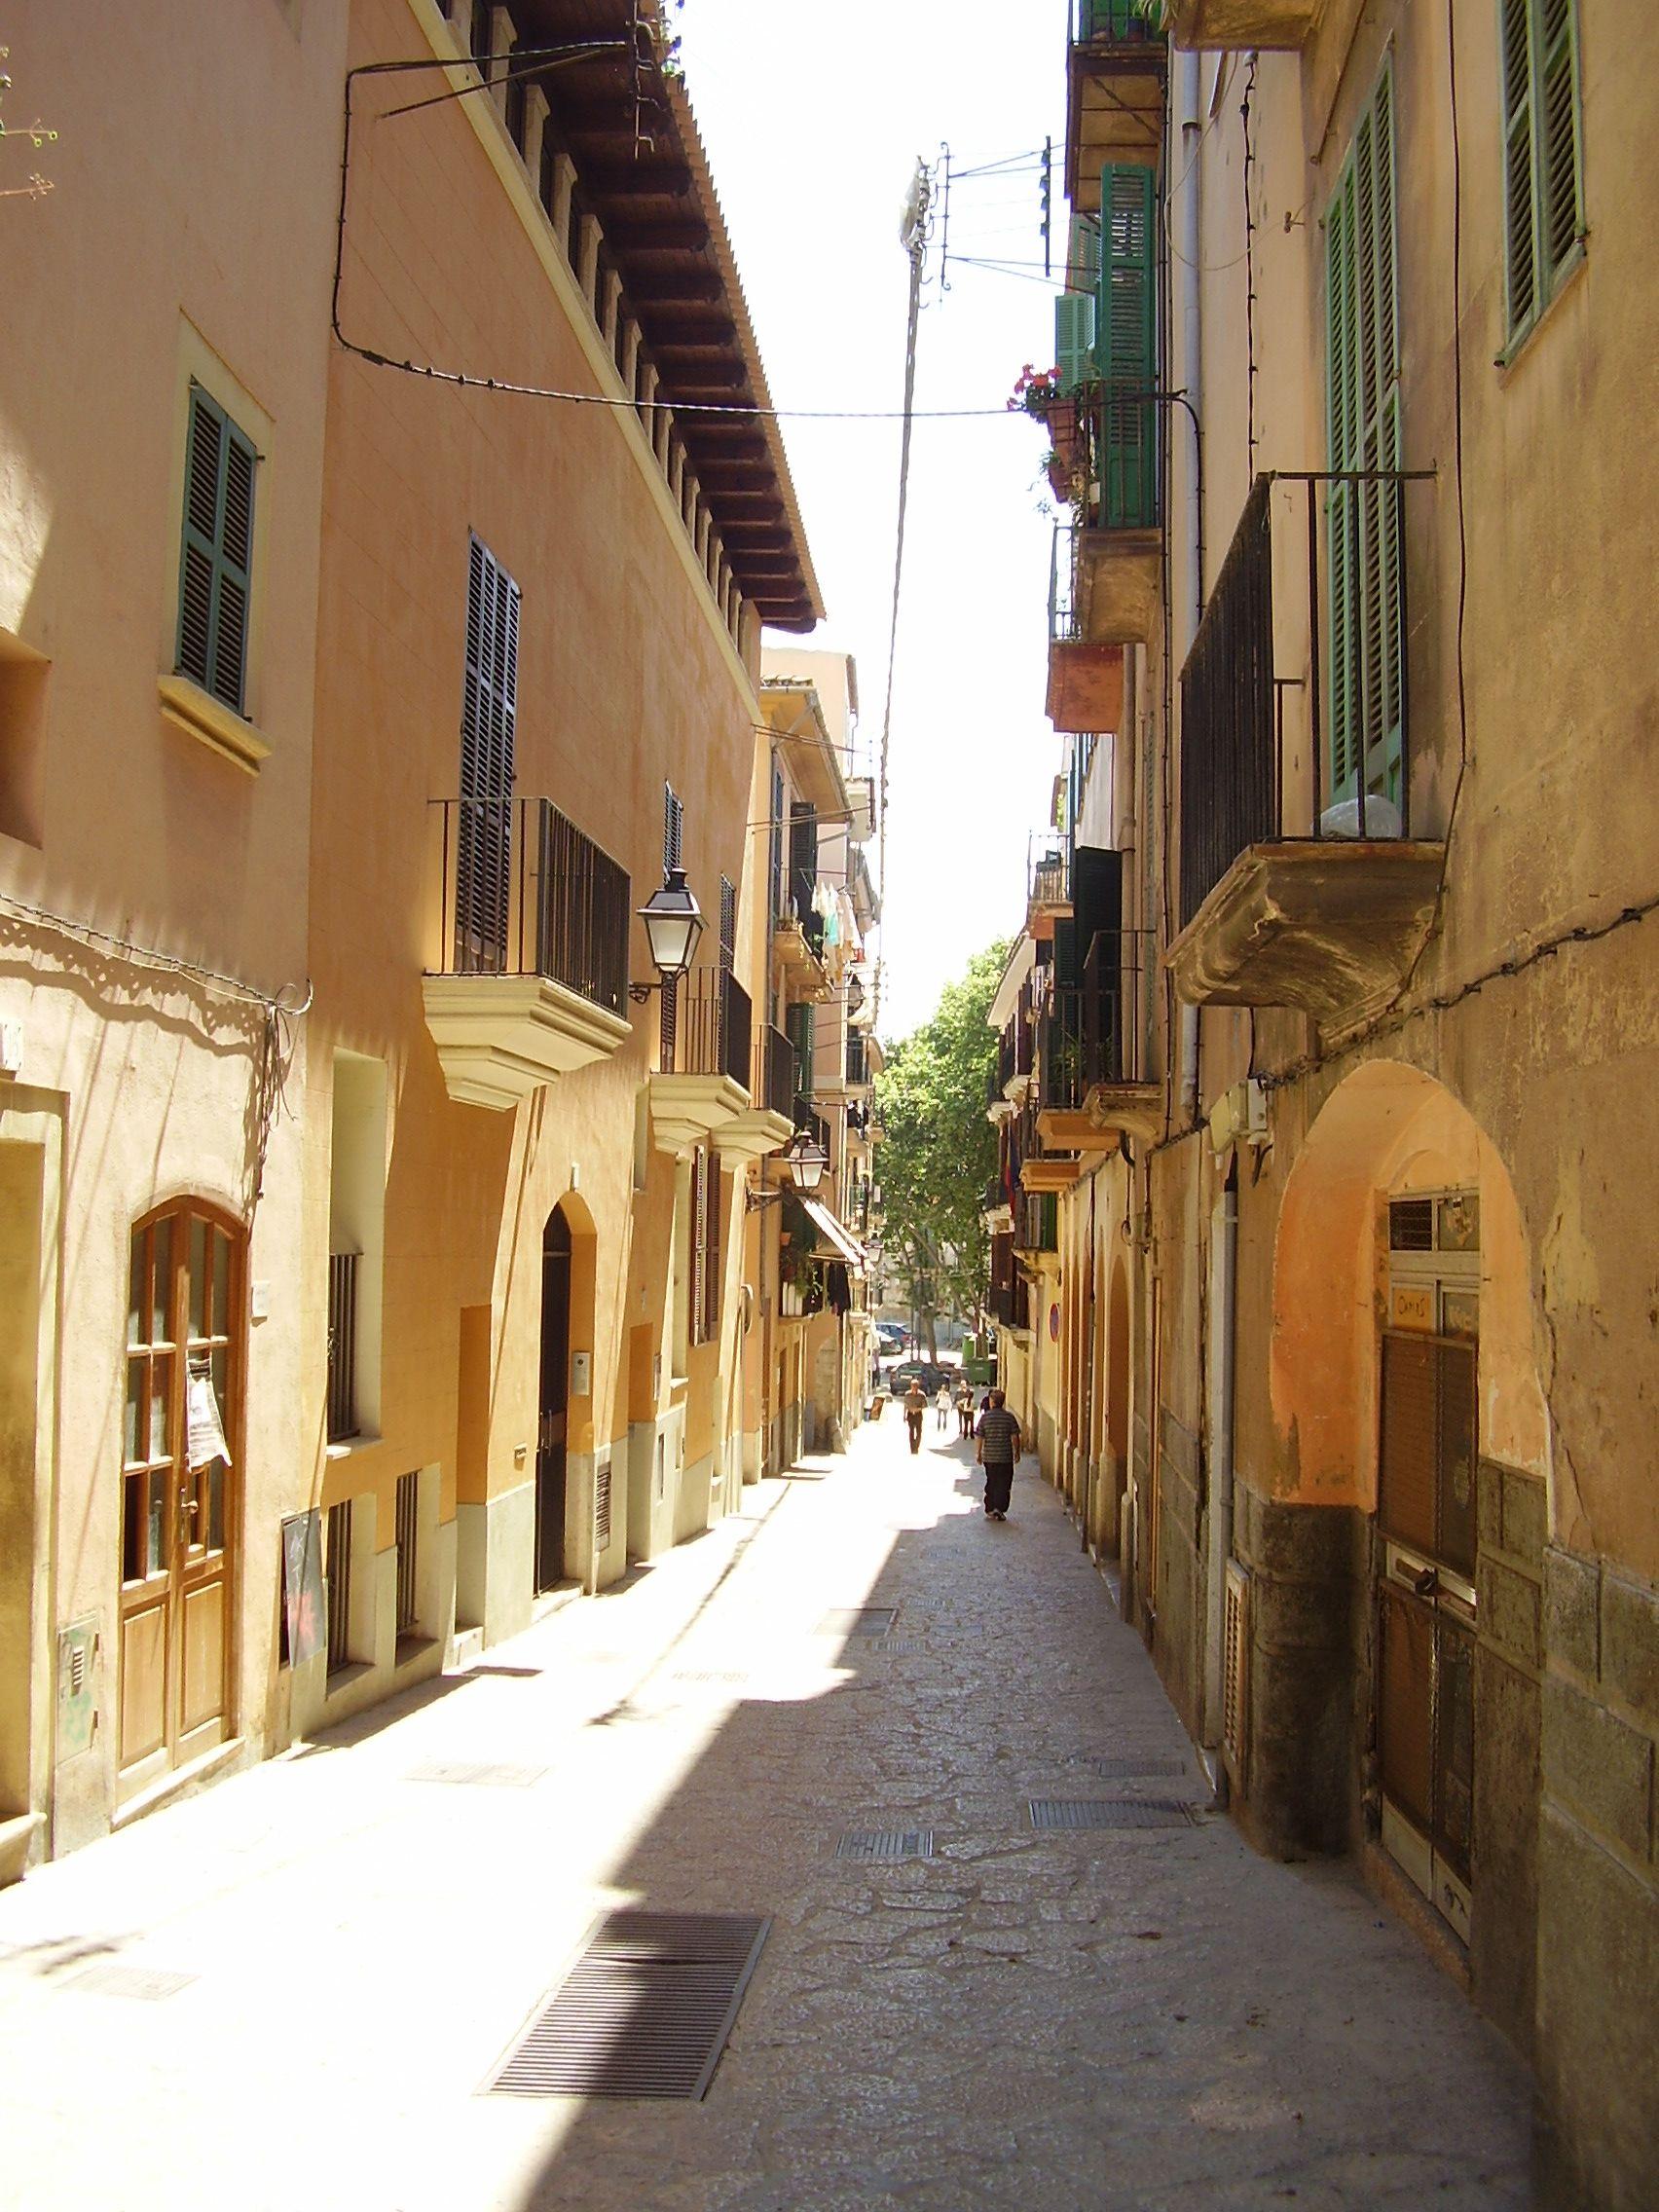 Una de las calles del barrio de San Pedro en Palma de Mallorca, barrio originario de Pedro Bonet Mir.